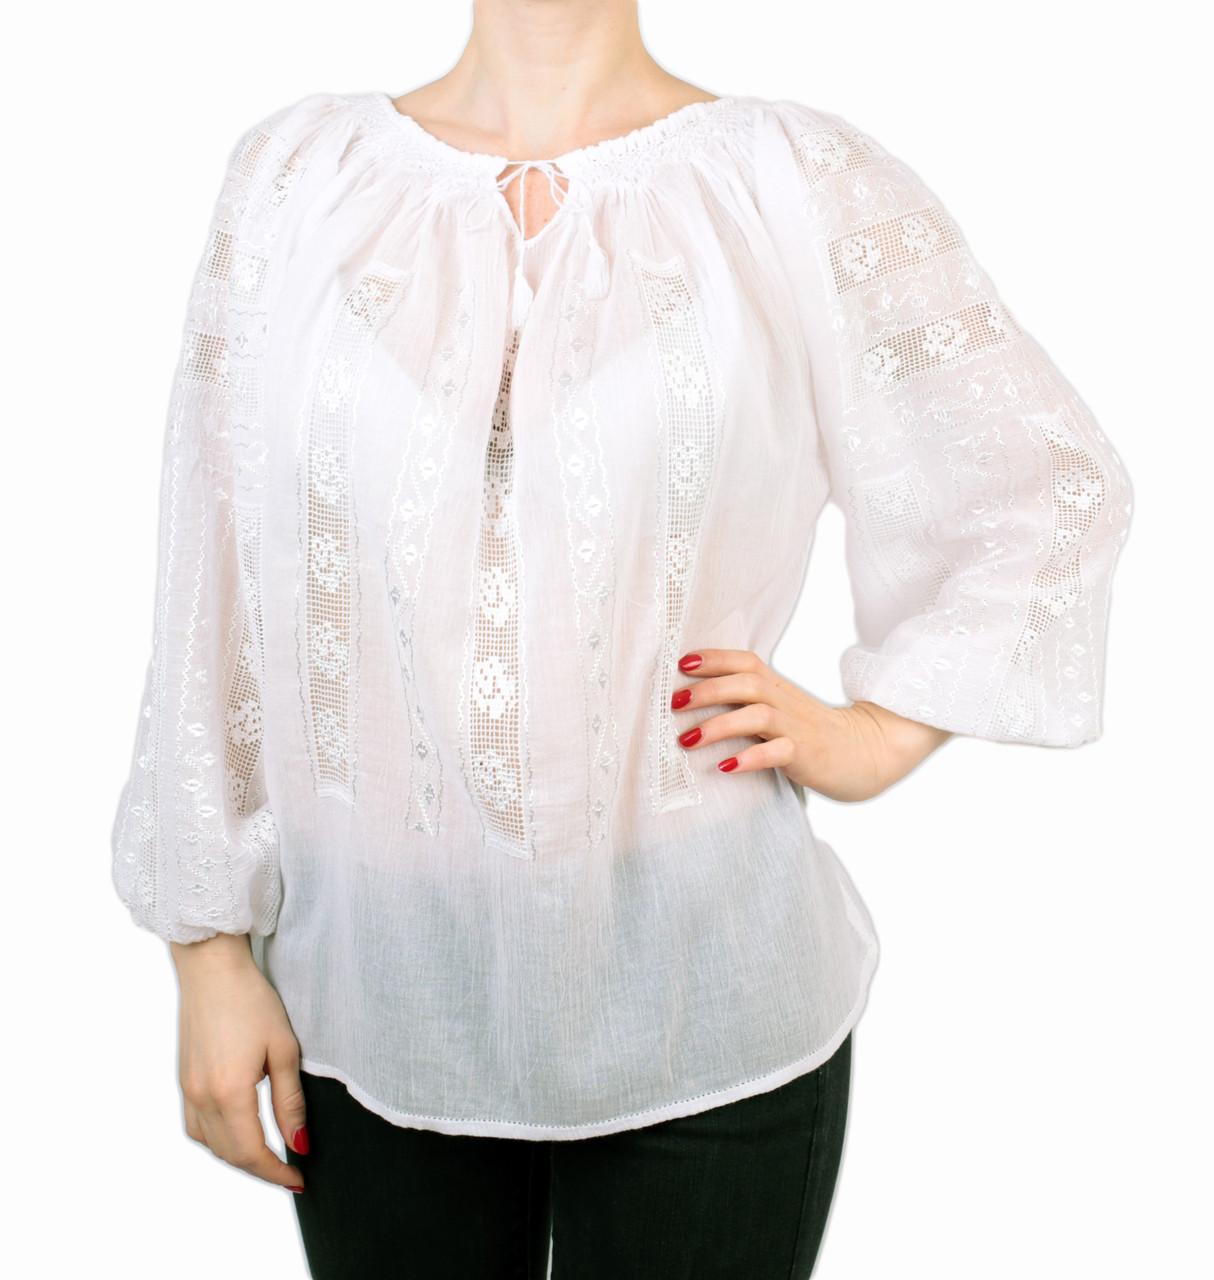 Жіноча вишита сорочка/блузка марльовка з білим орнаментом